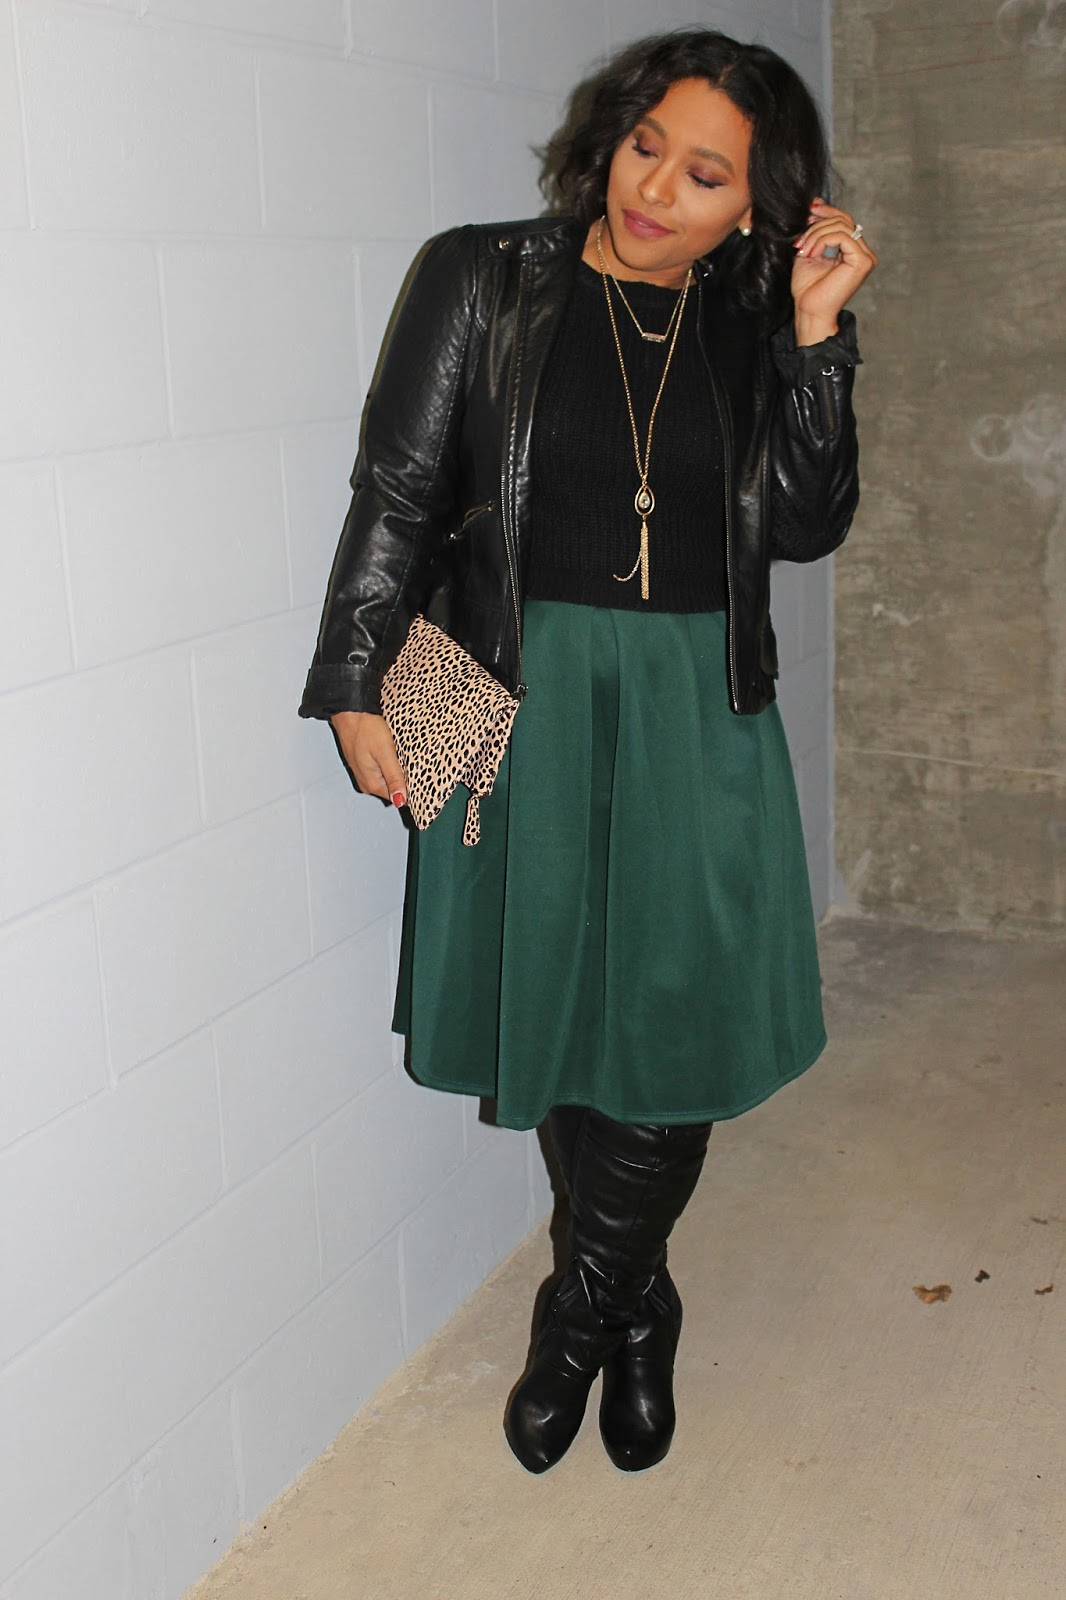 midi skirt, otk boots, midi skirt, edgy look